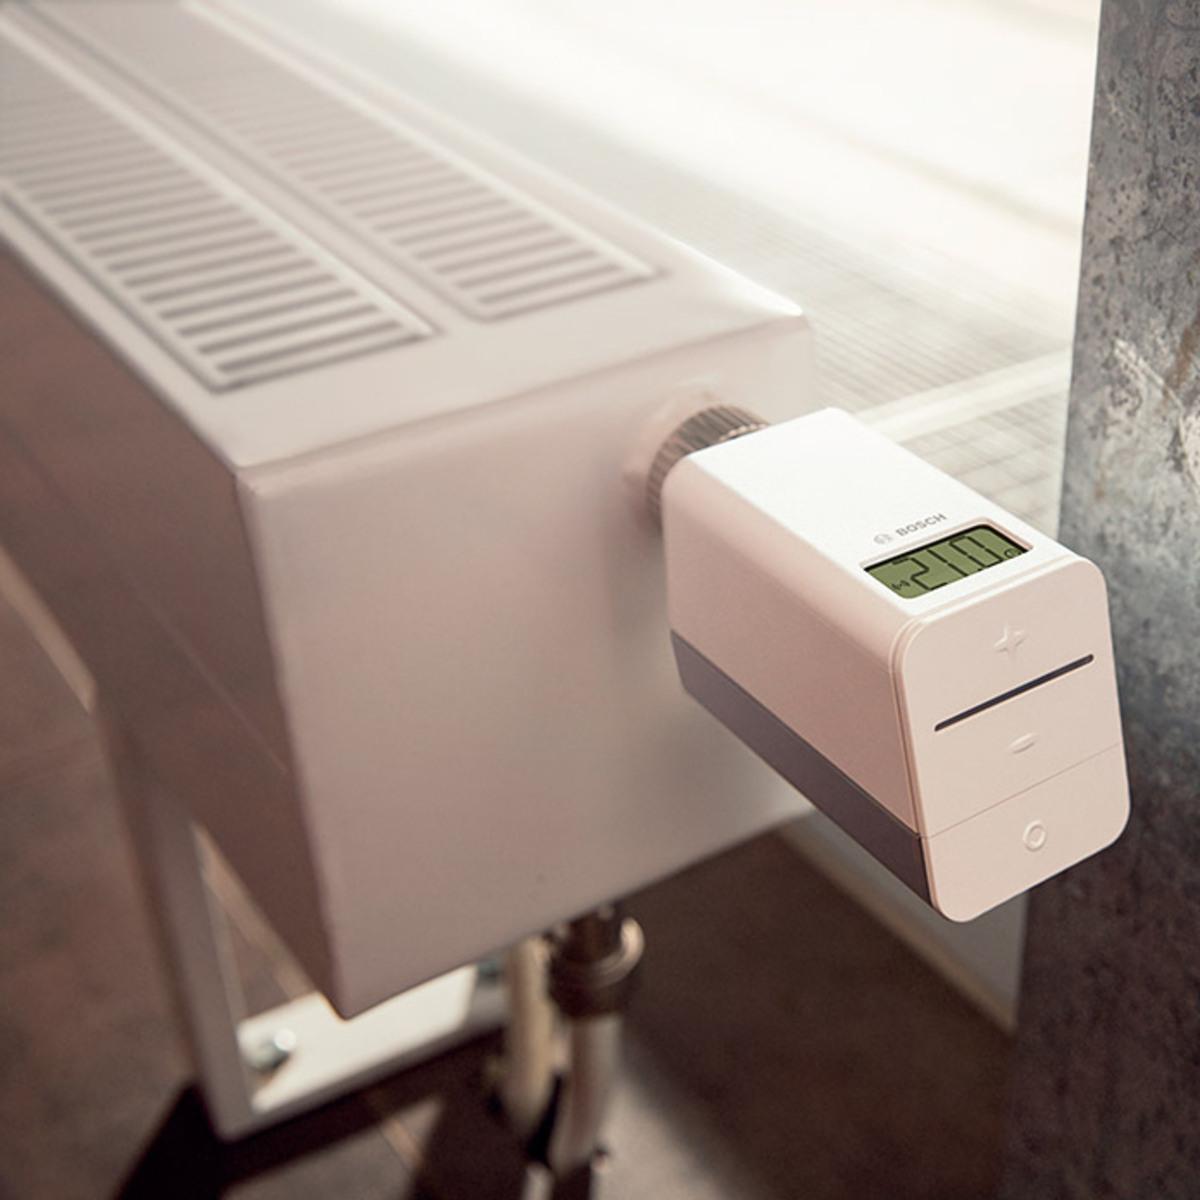 Bild 4 von Bosch Smart Home Thermostatkopf